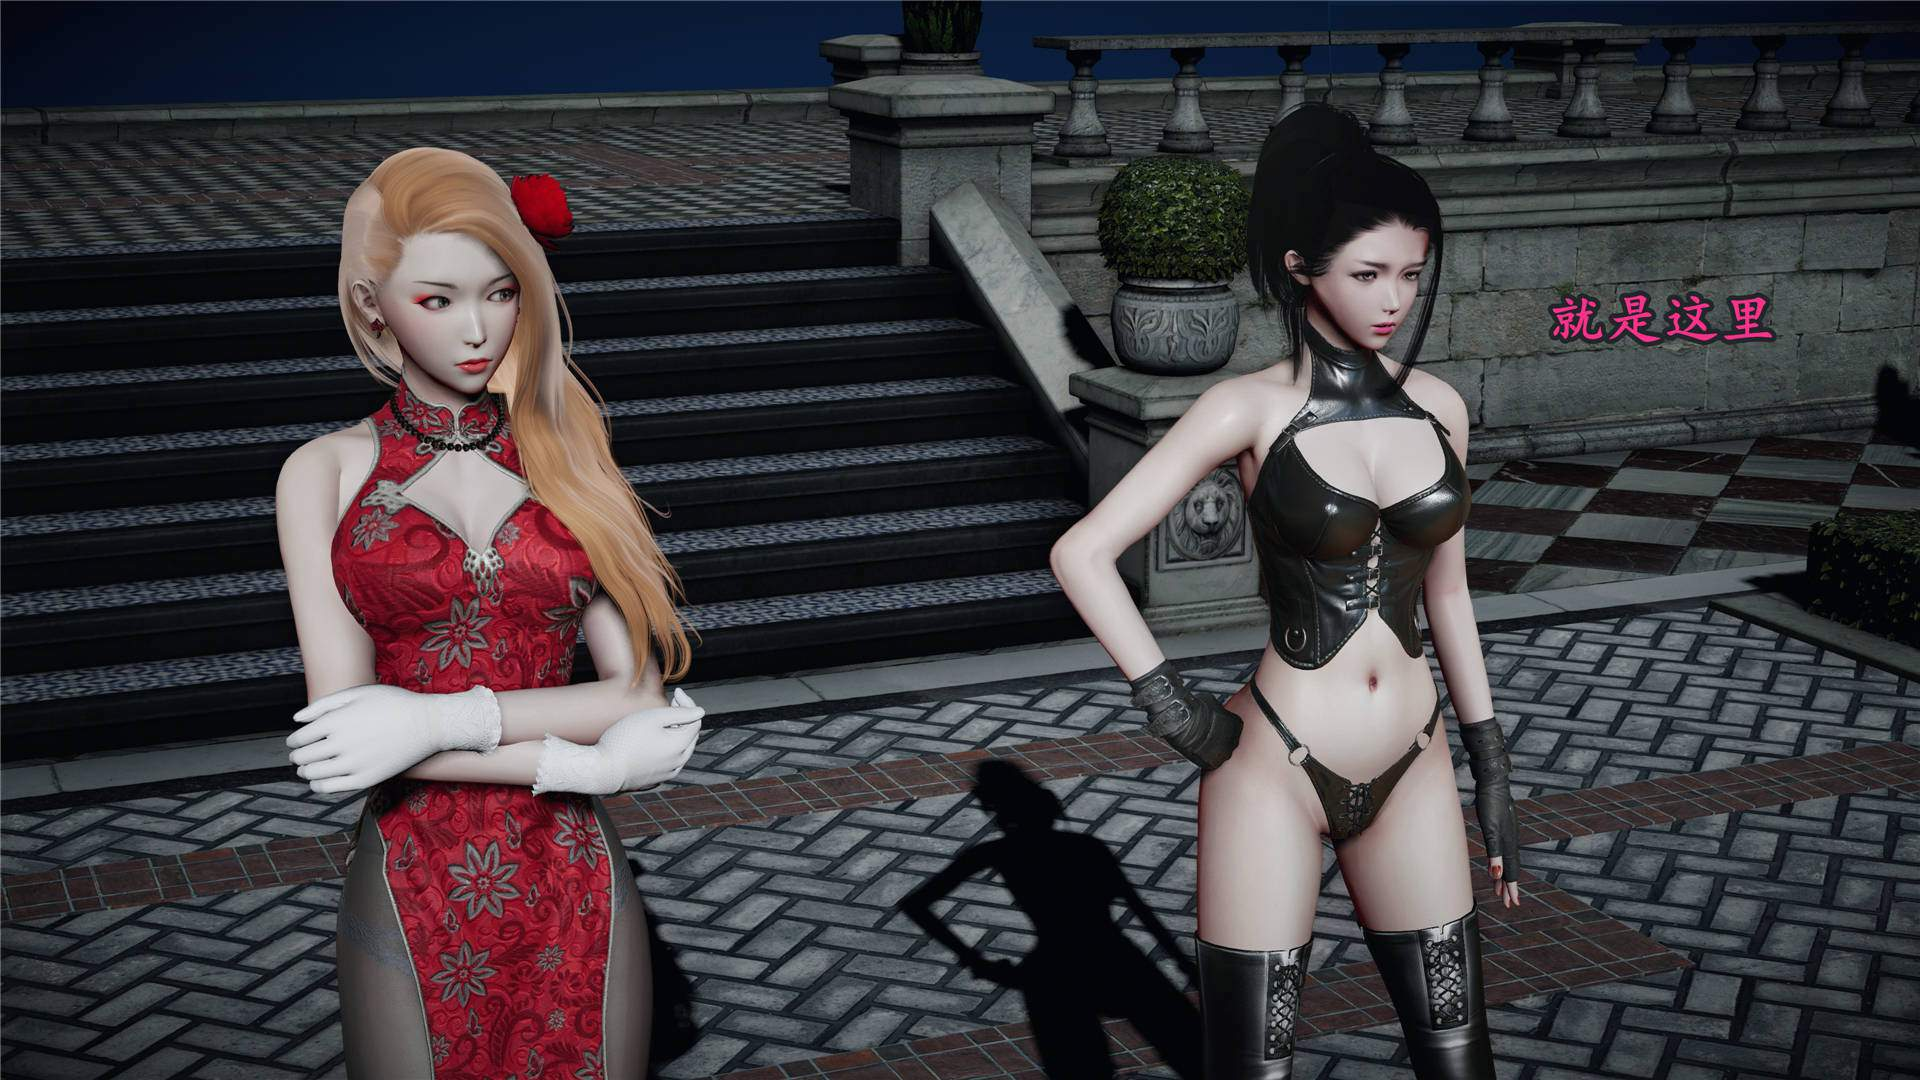 猎妖杀手01-15+特別篇1-3+女主设定图+短篇